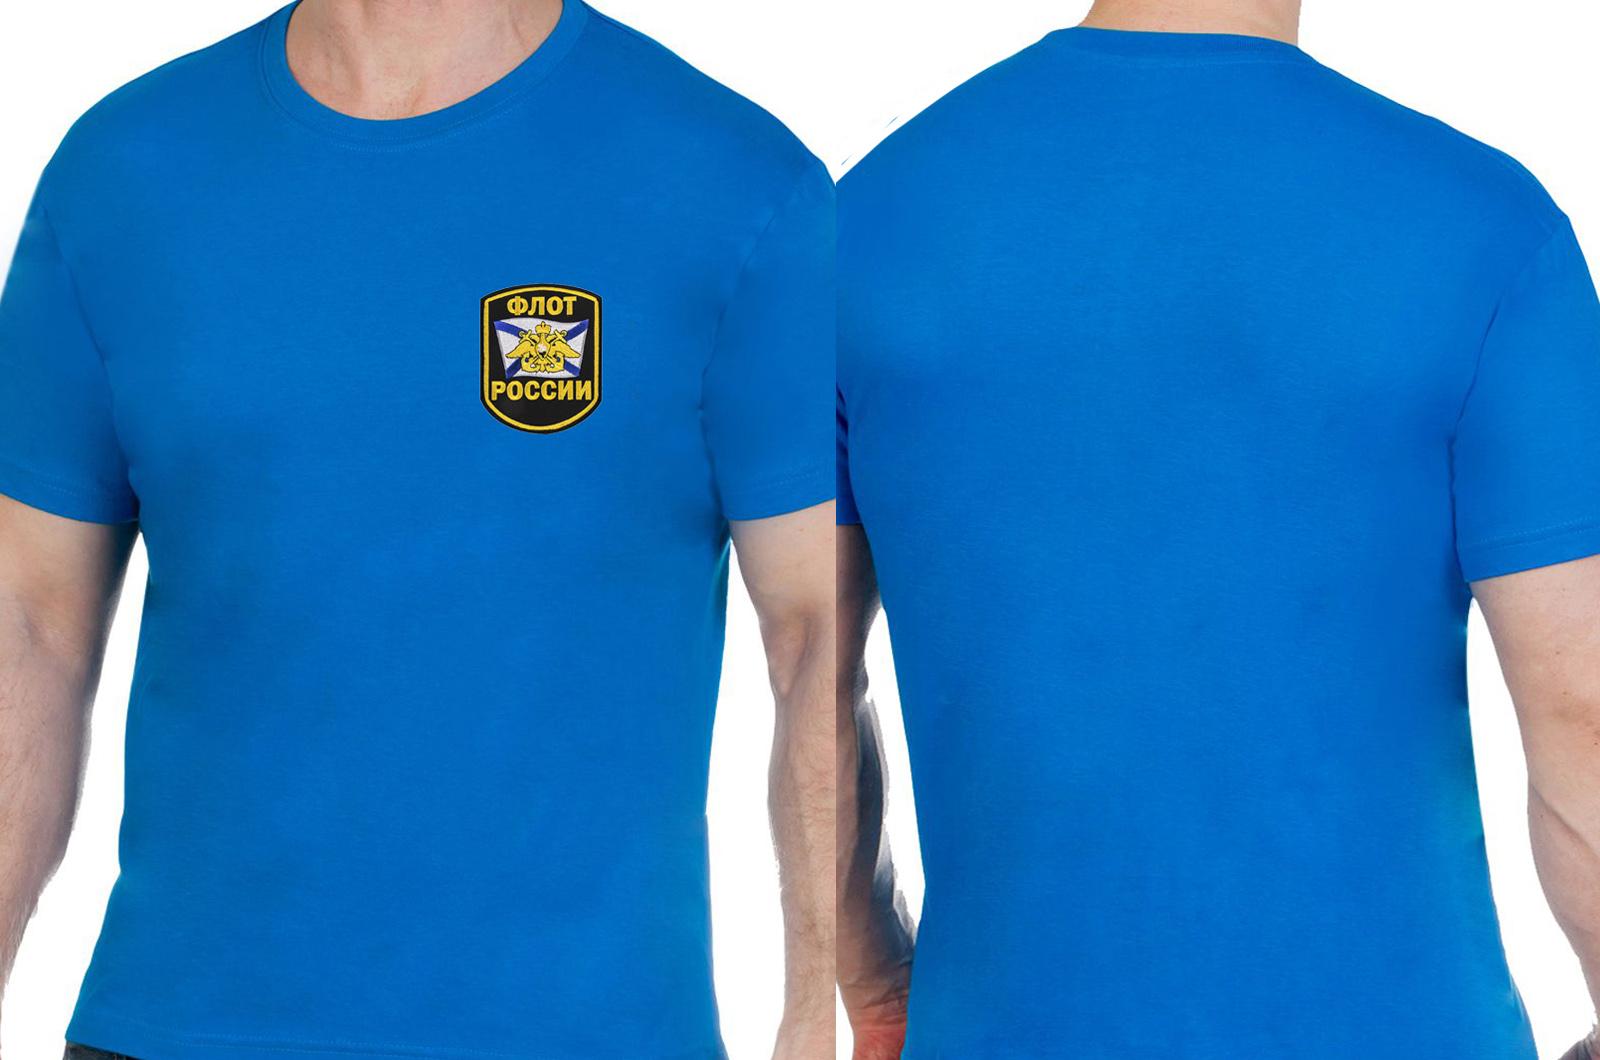 Оригинальная хлопковая футболка ФЛОТ РОССИИ - купить с доставкой